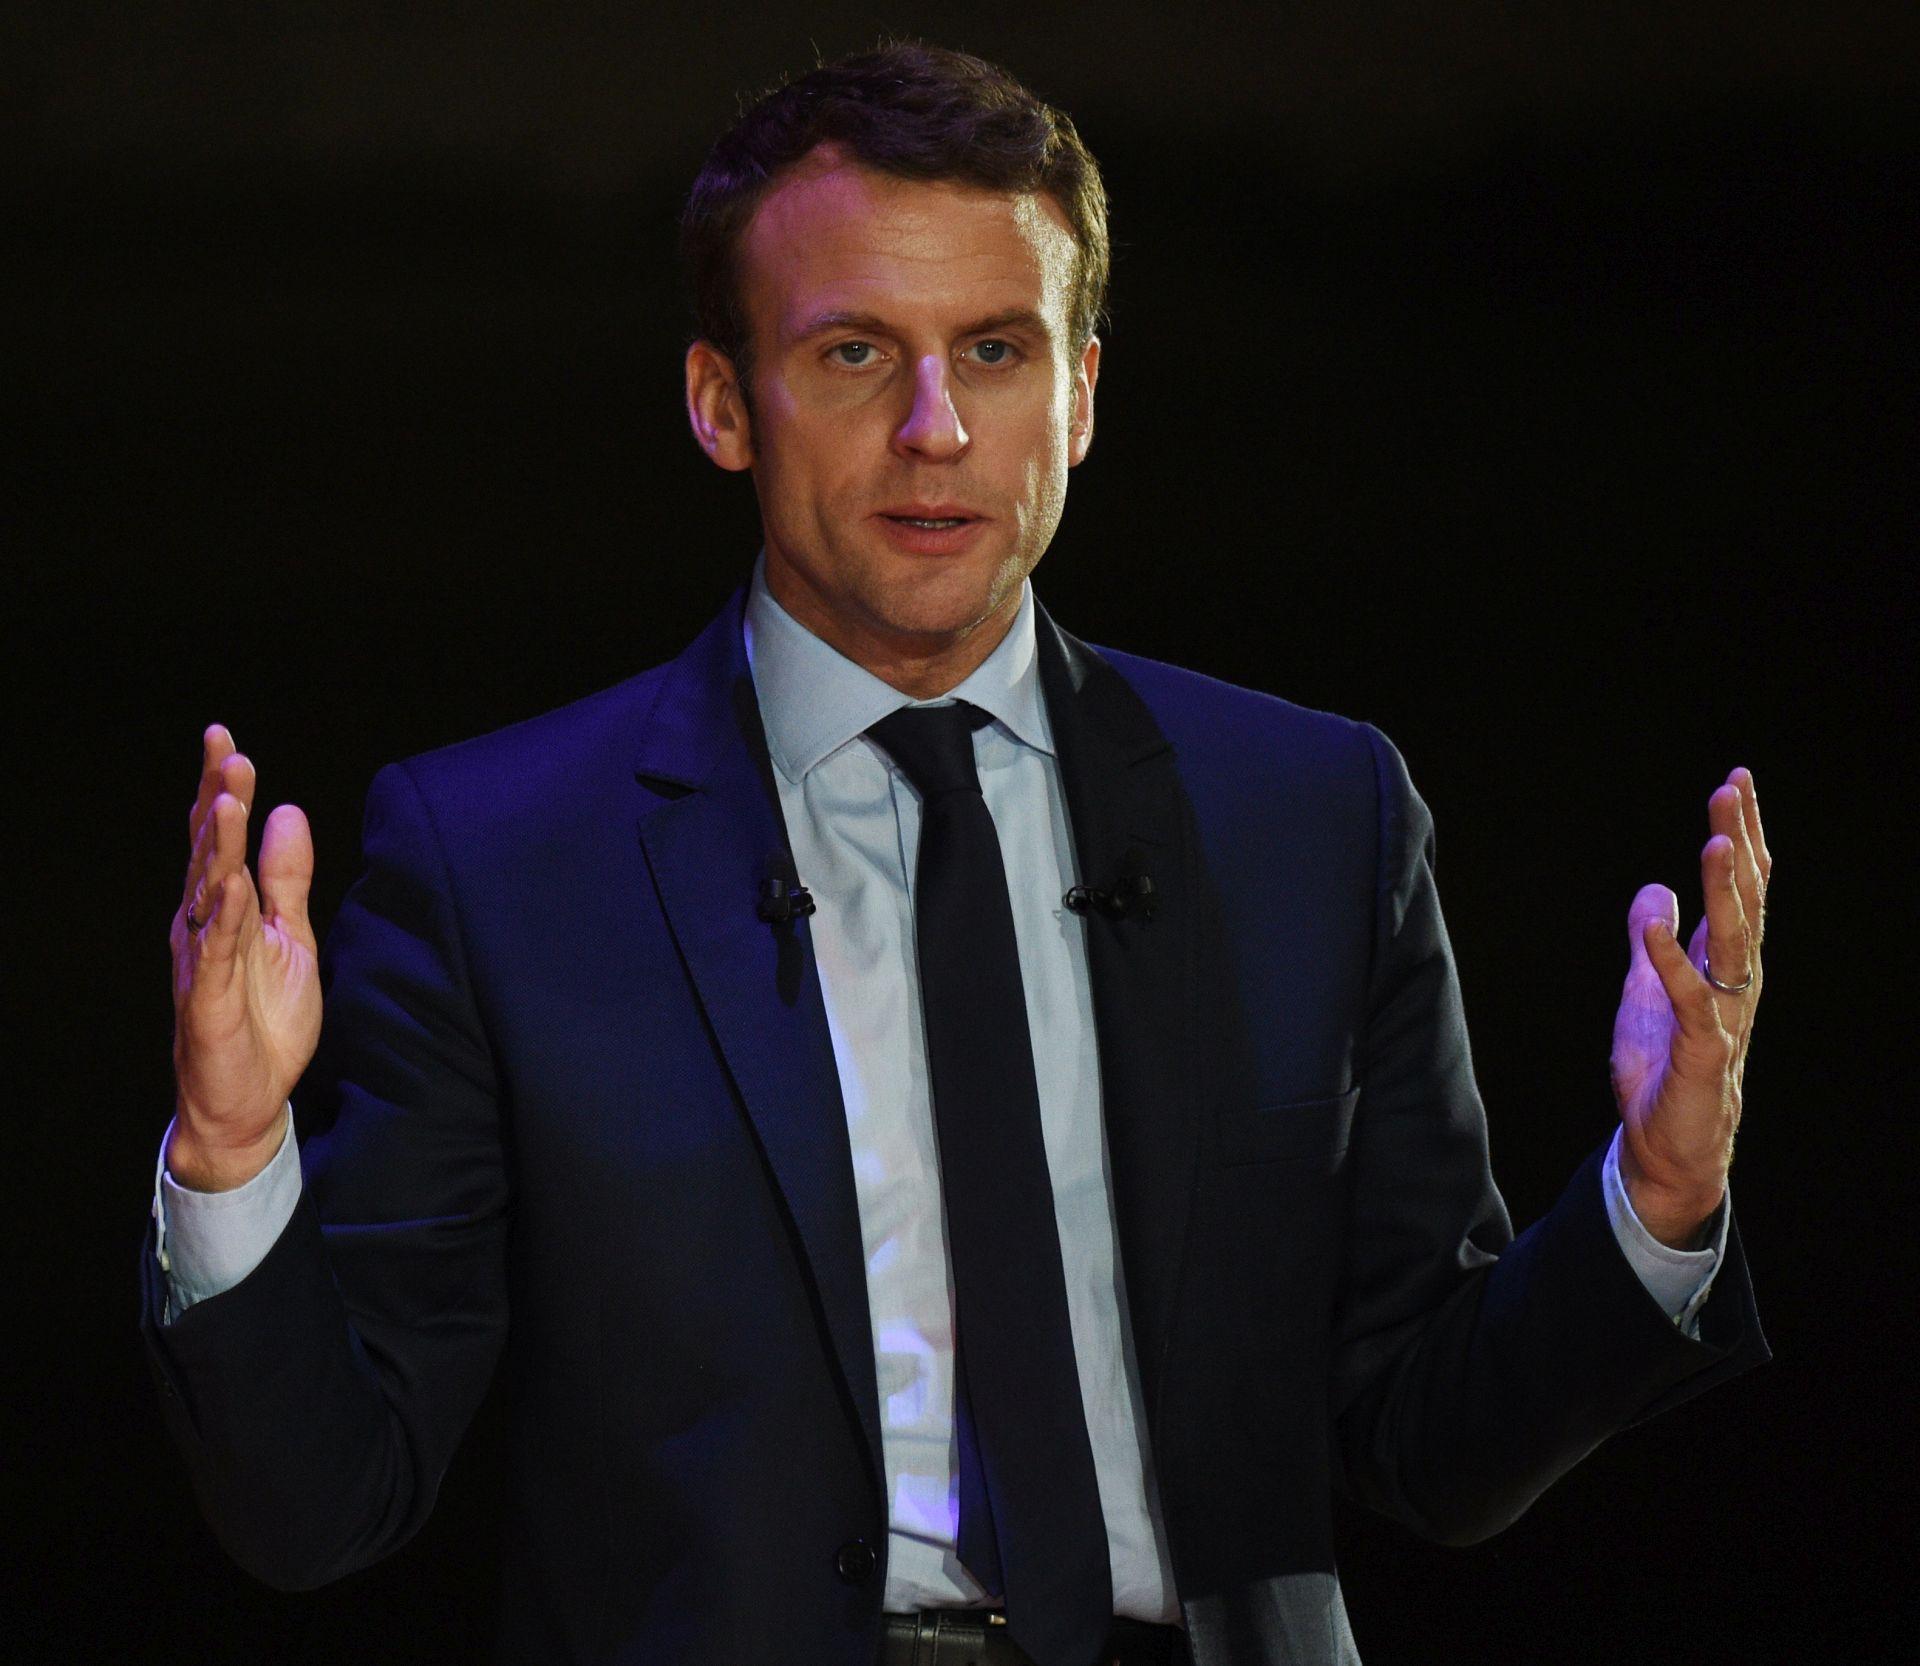 Macron učvrstio status favorita na francuskim predsjedničkim izborima